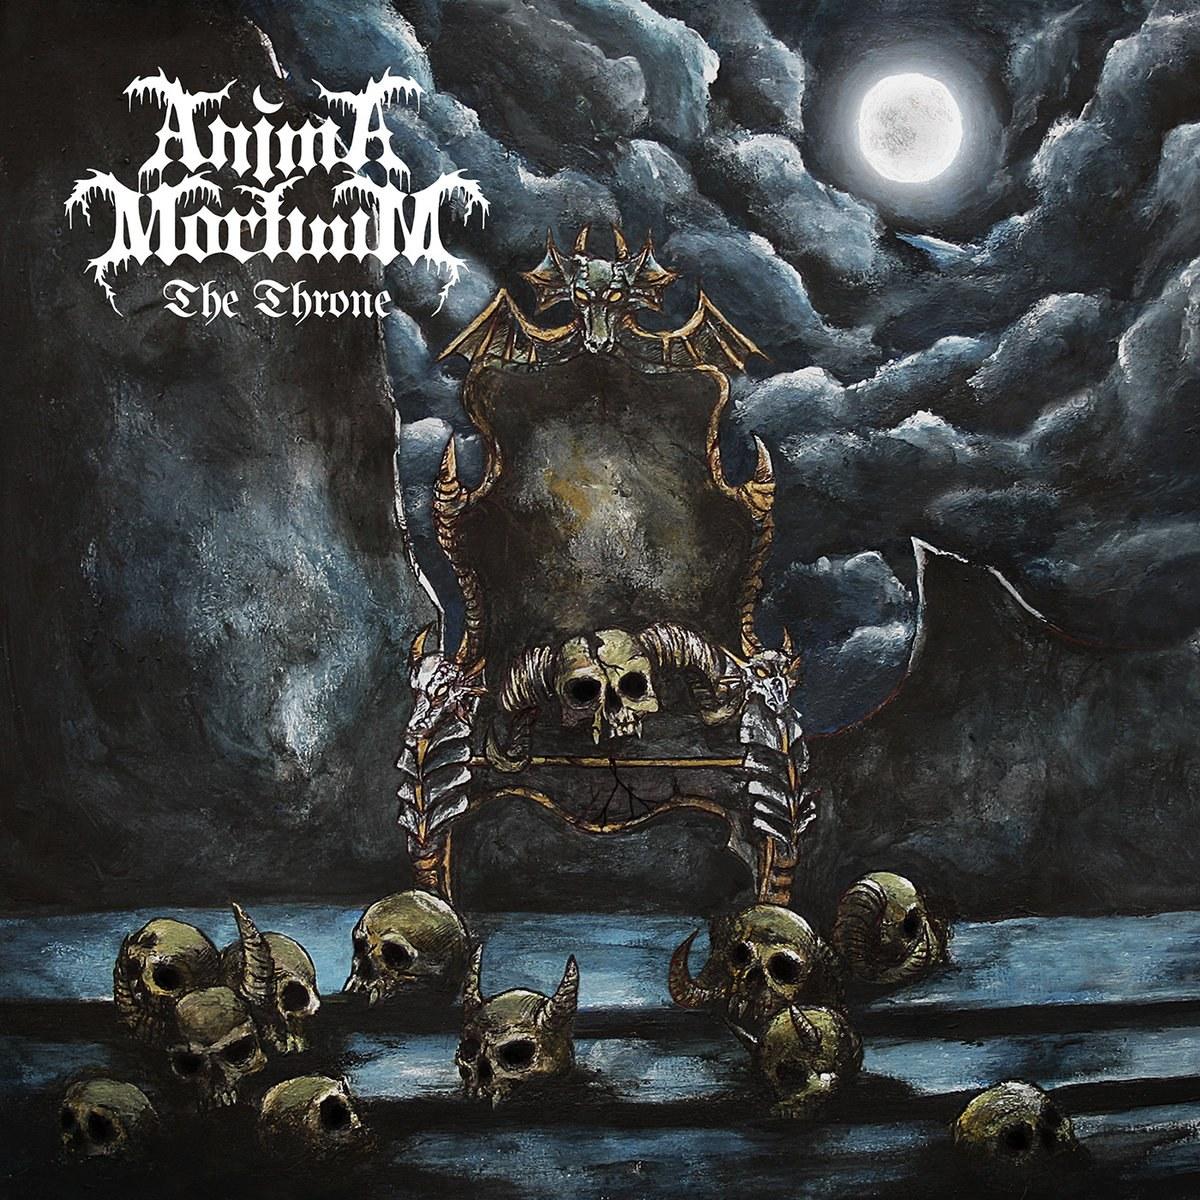 Anima Mortuum - The Throne